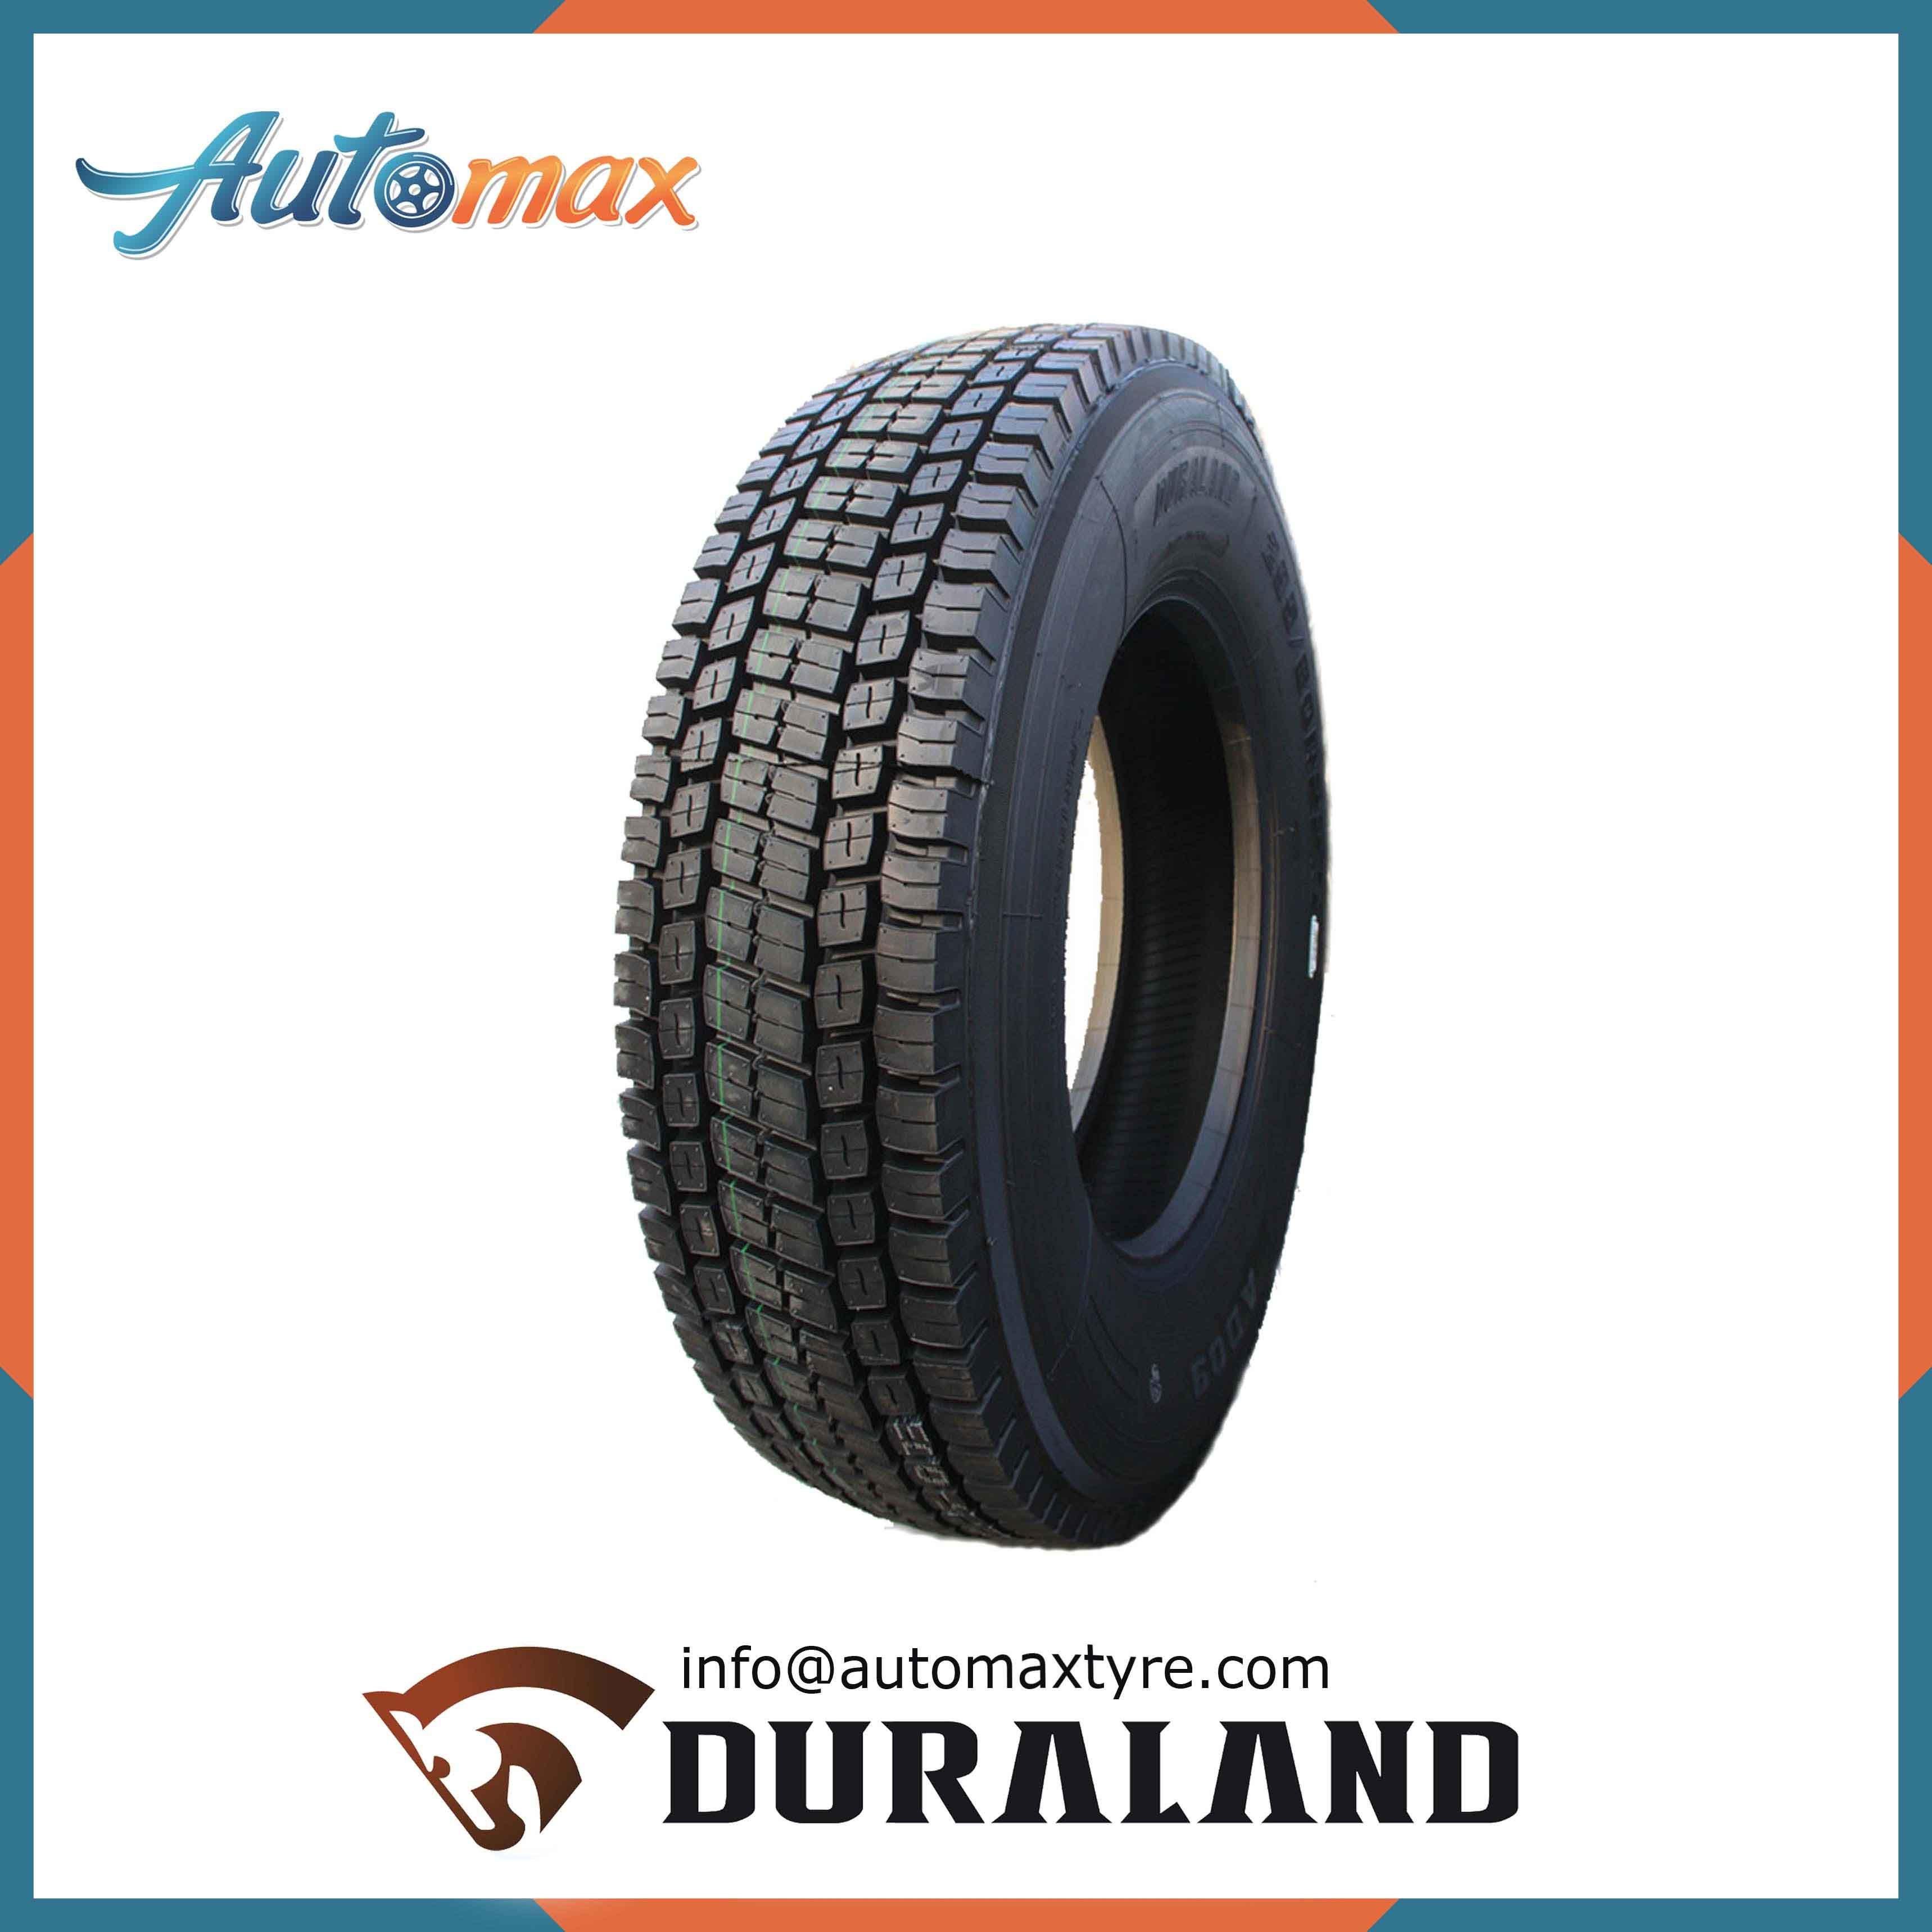 Heavy Duty Radial Truck Tyre